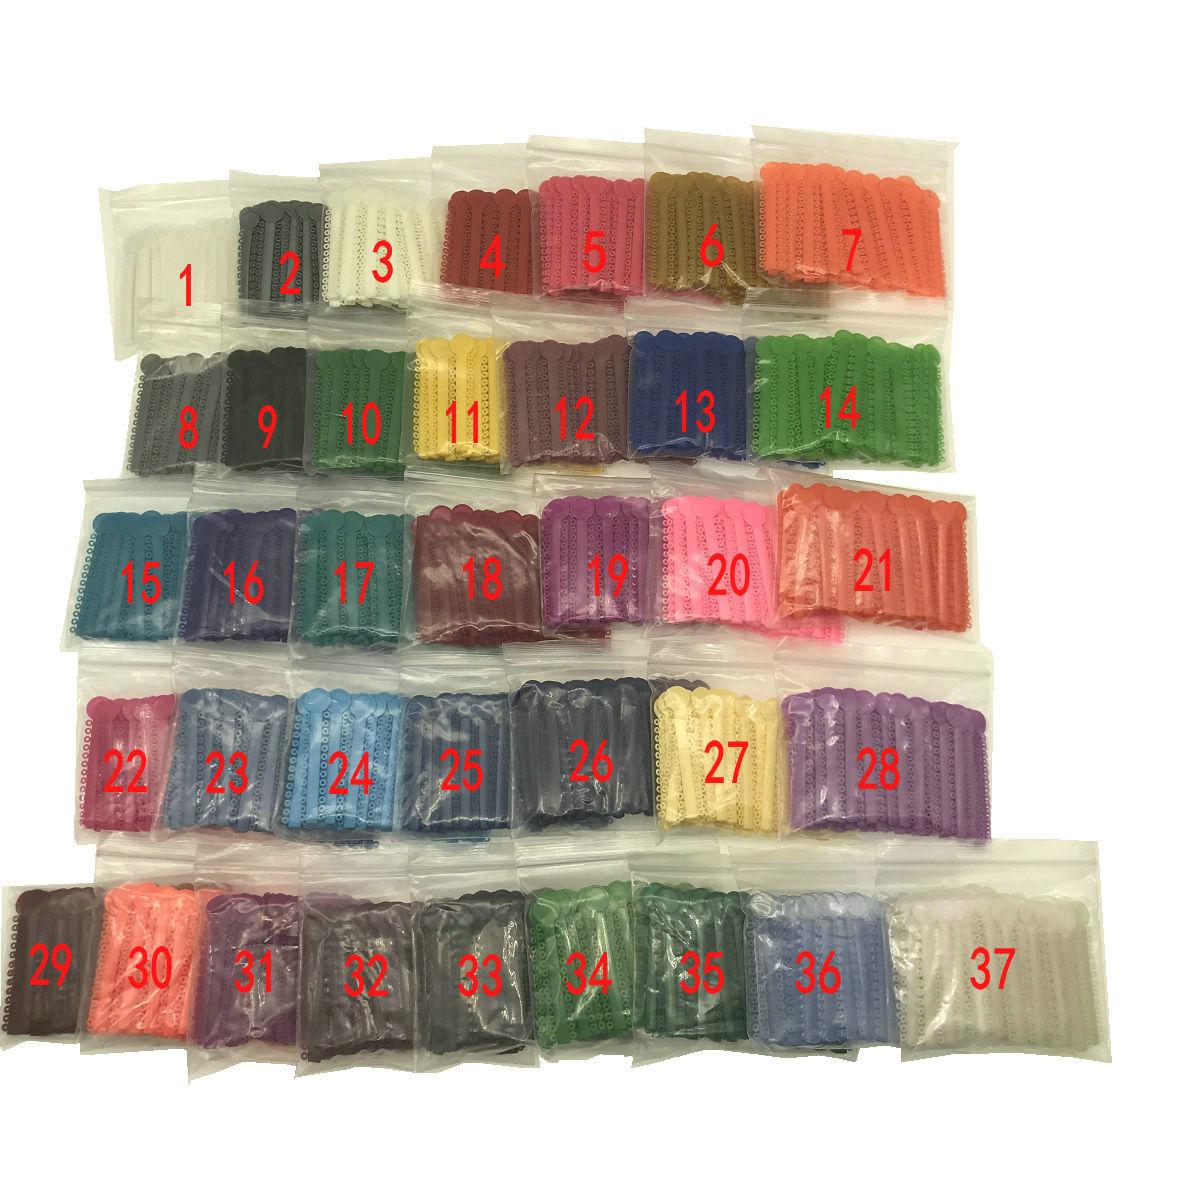 1 Bag Dental Orthodontic Ligature Ties Elastic Rubber Bands 37 Colors 1040 Pcs